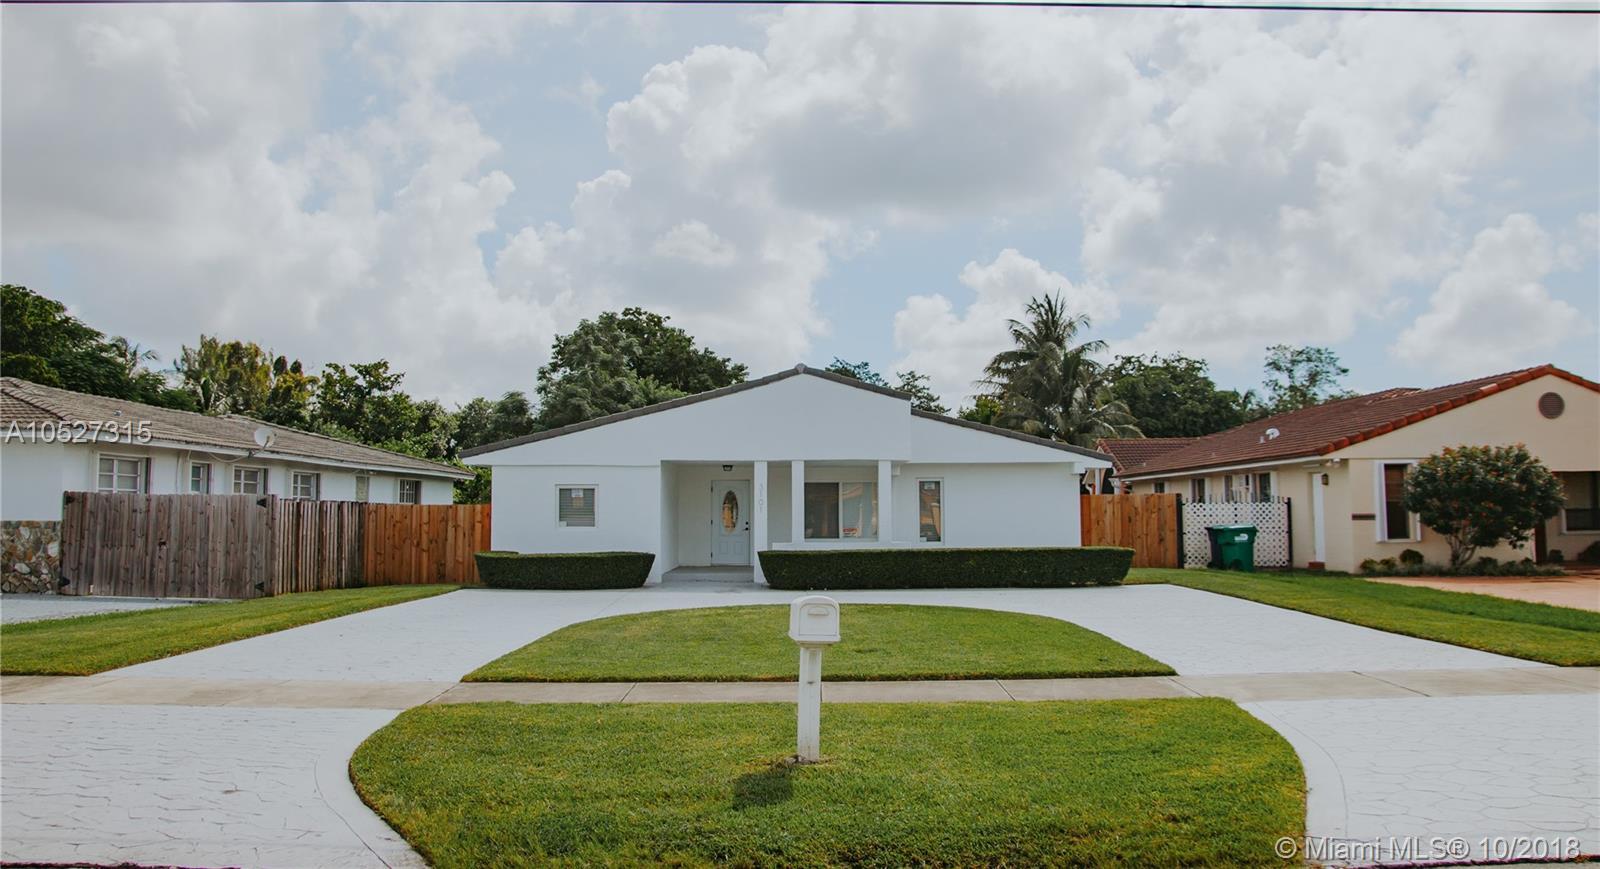 3101 Sw 115 Ave, Miami FL, 33165